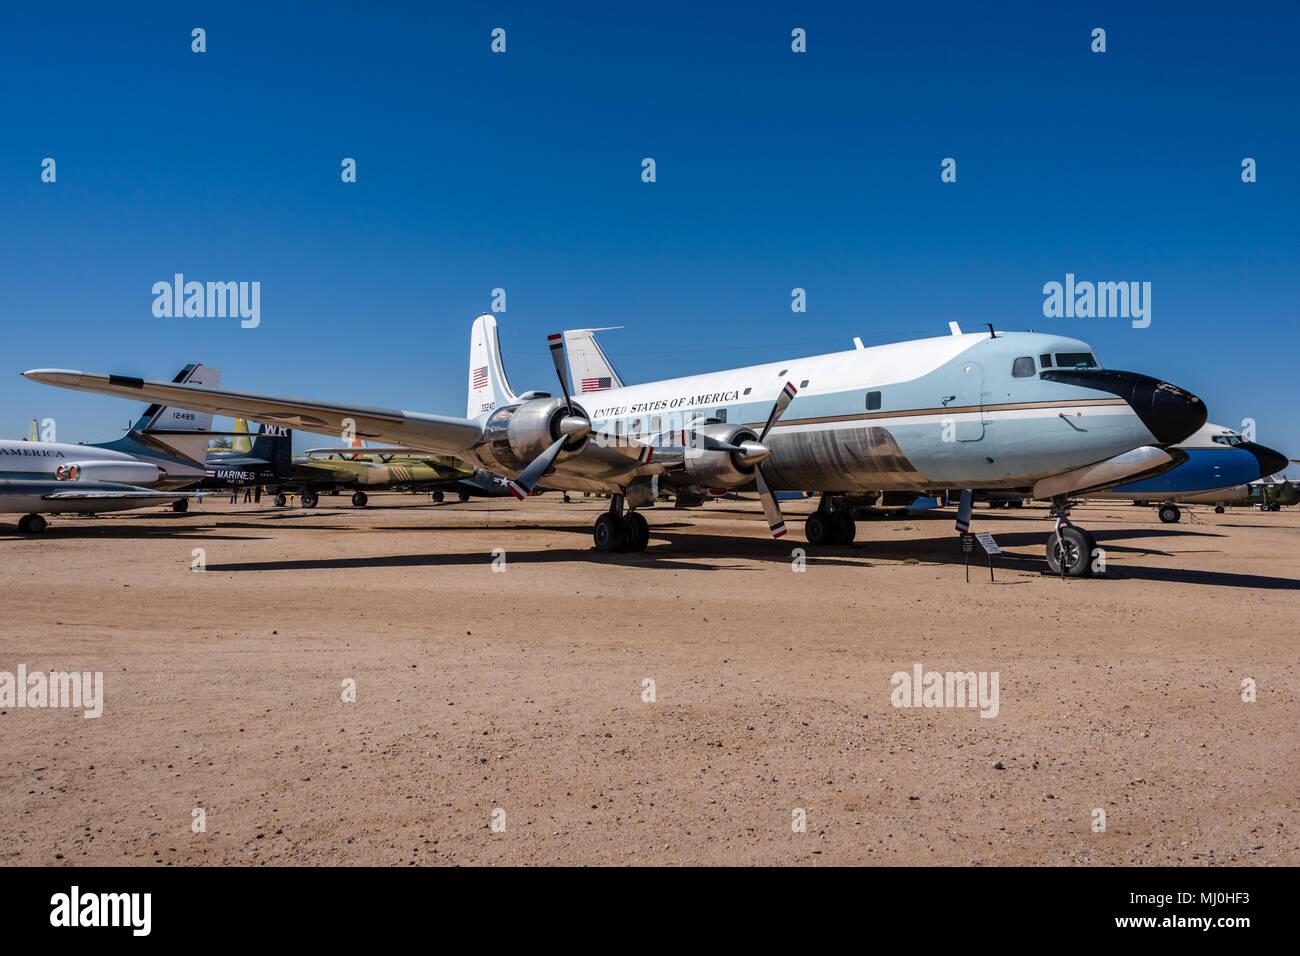 118a Stockfotos und bilder Kaufen Alamy